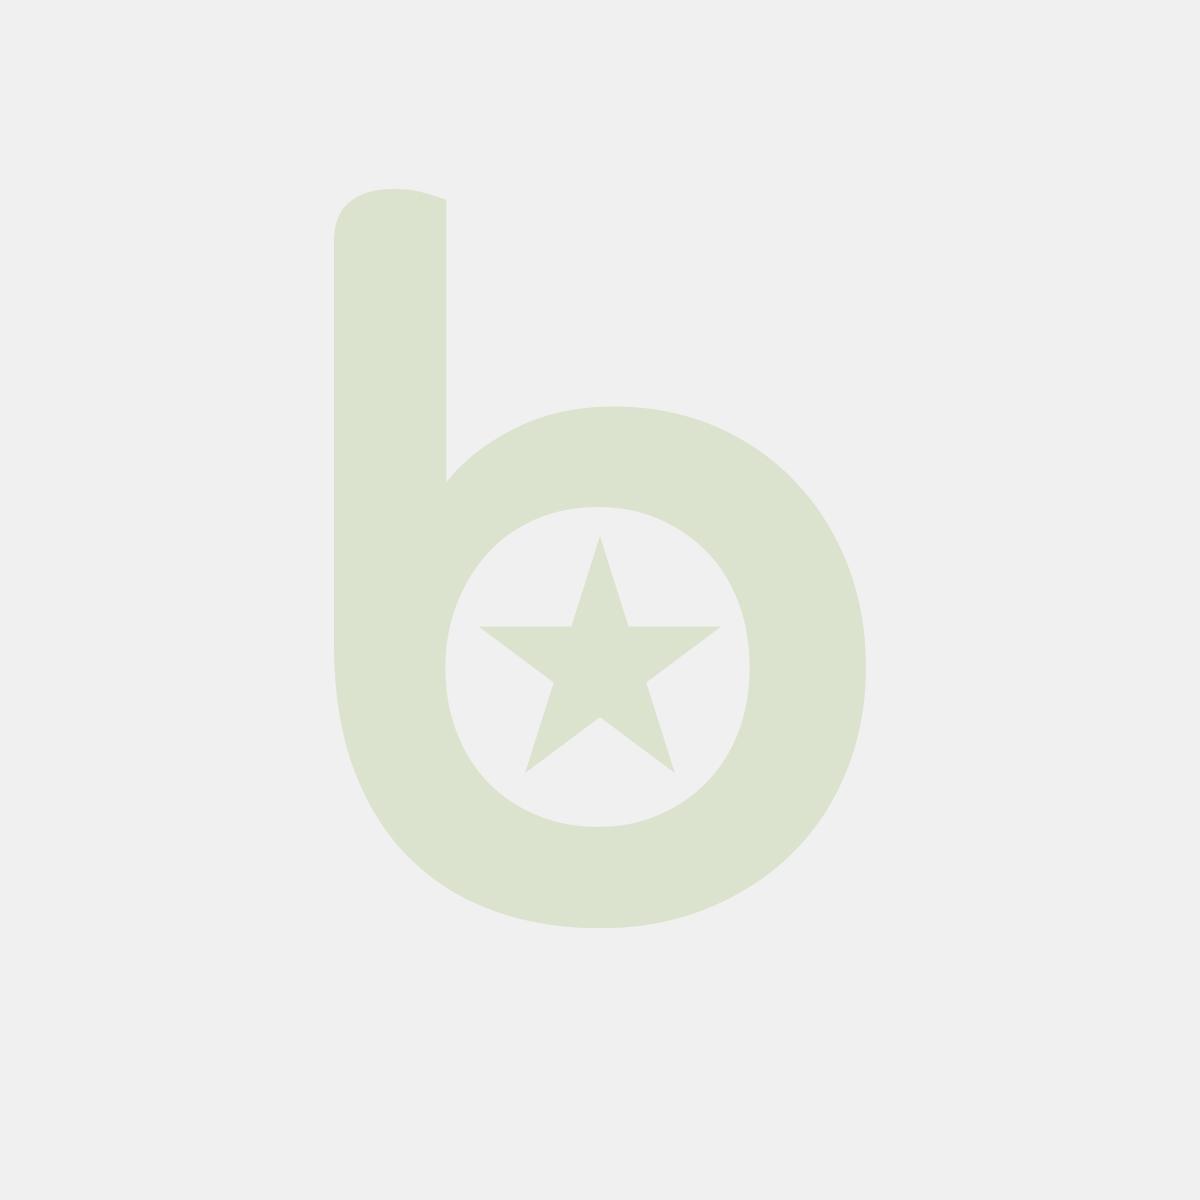 FINGERFOOD - miseczka PS transparentna 10x9x7,4 op. 50 sztuk